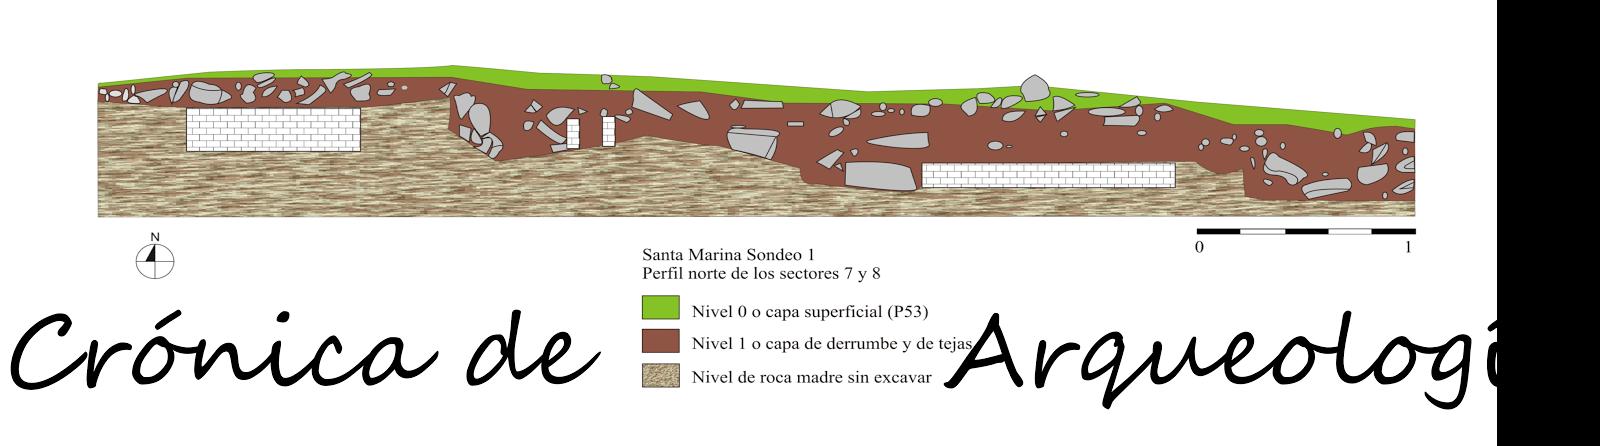 Crónica de arqueología